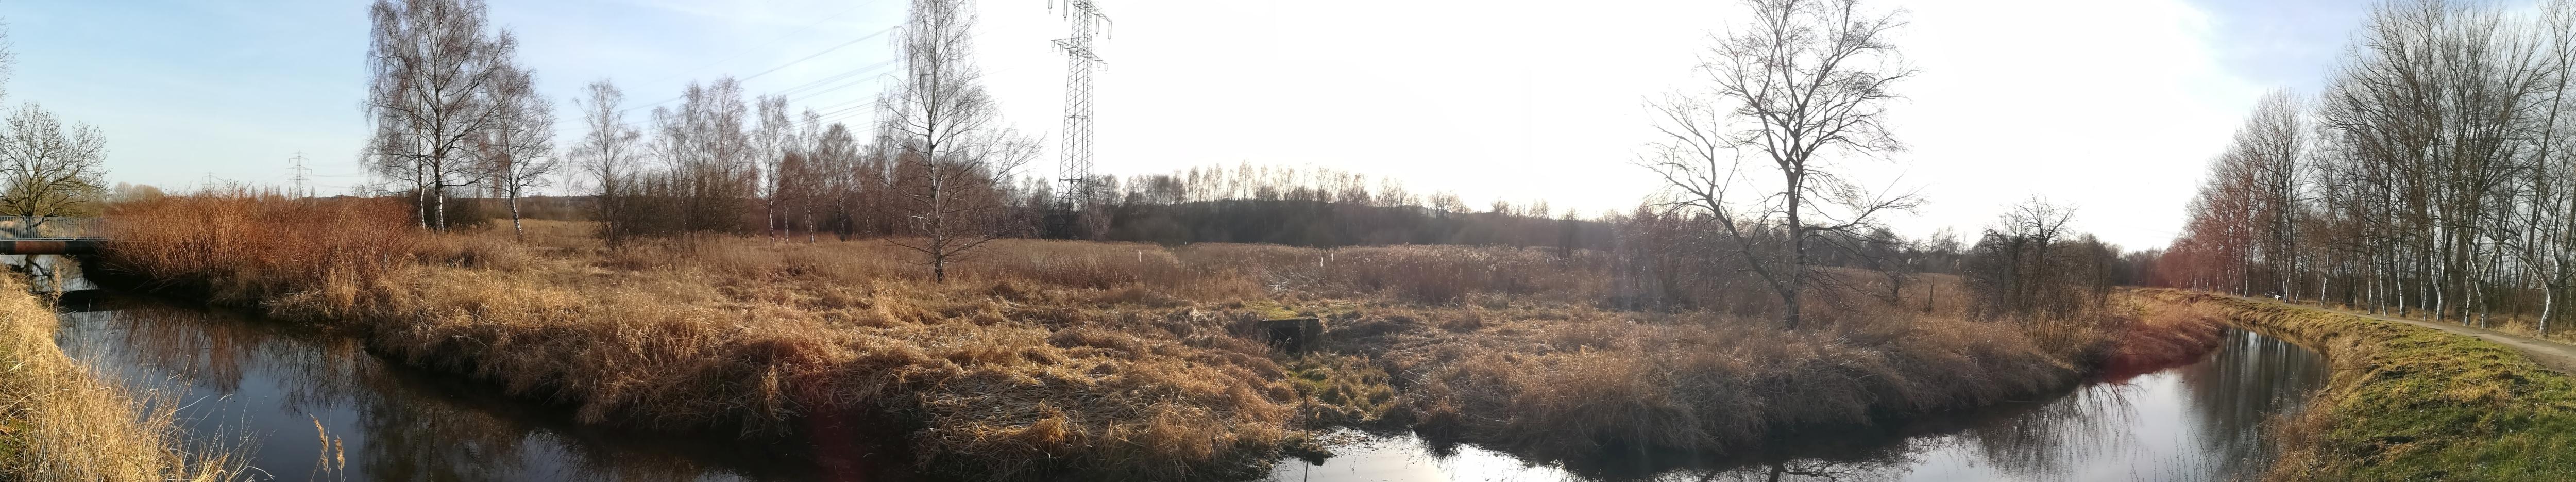 2021_02_20 Moorburg, Moorburger Landscheide